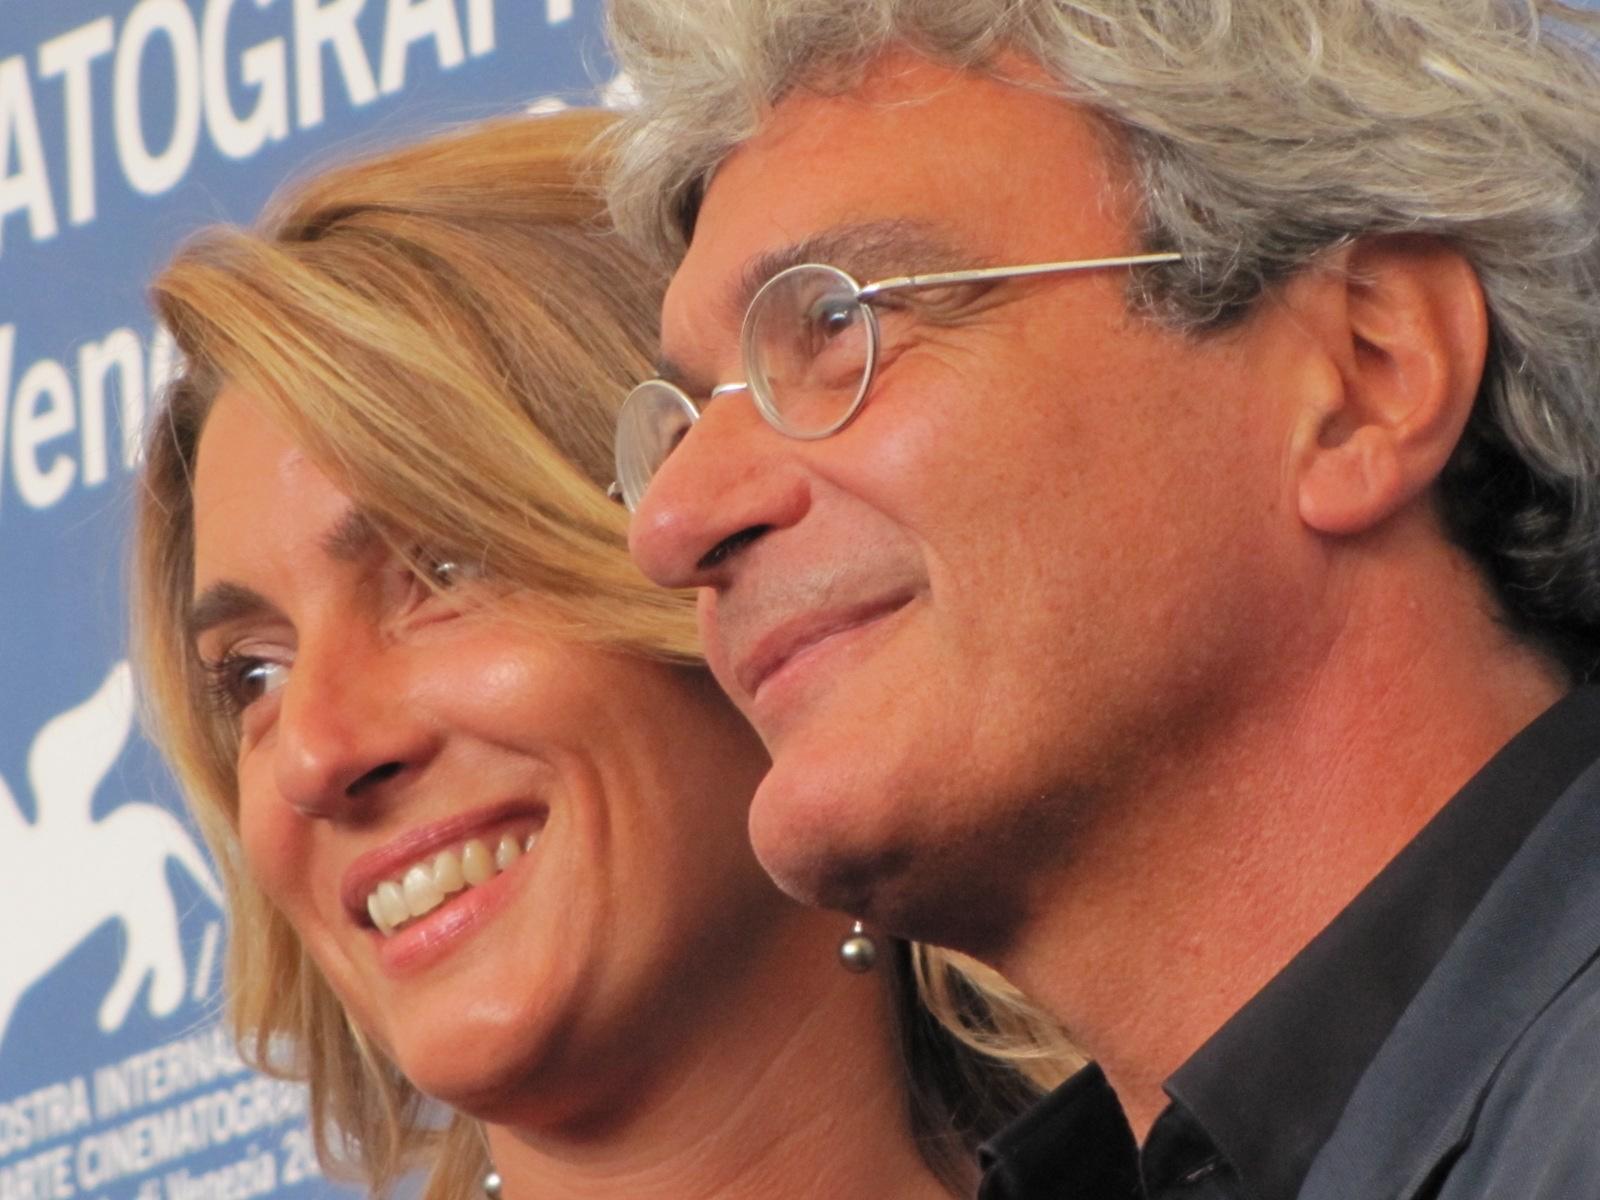 Venezia 2014 - Mario Martone e Ippolita di Majo presentano Il giovane favoloso